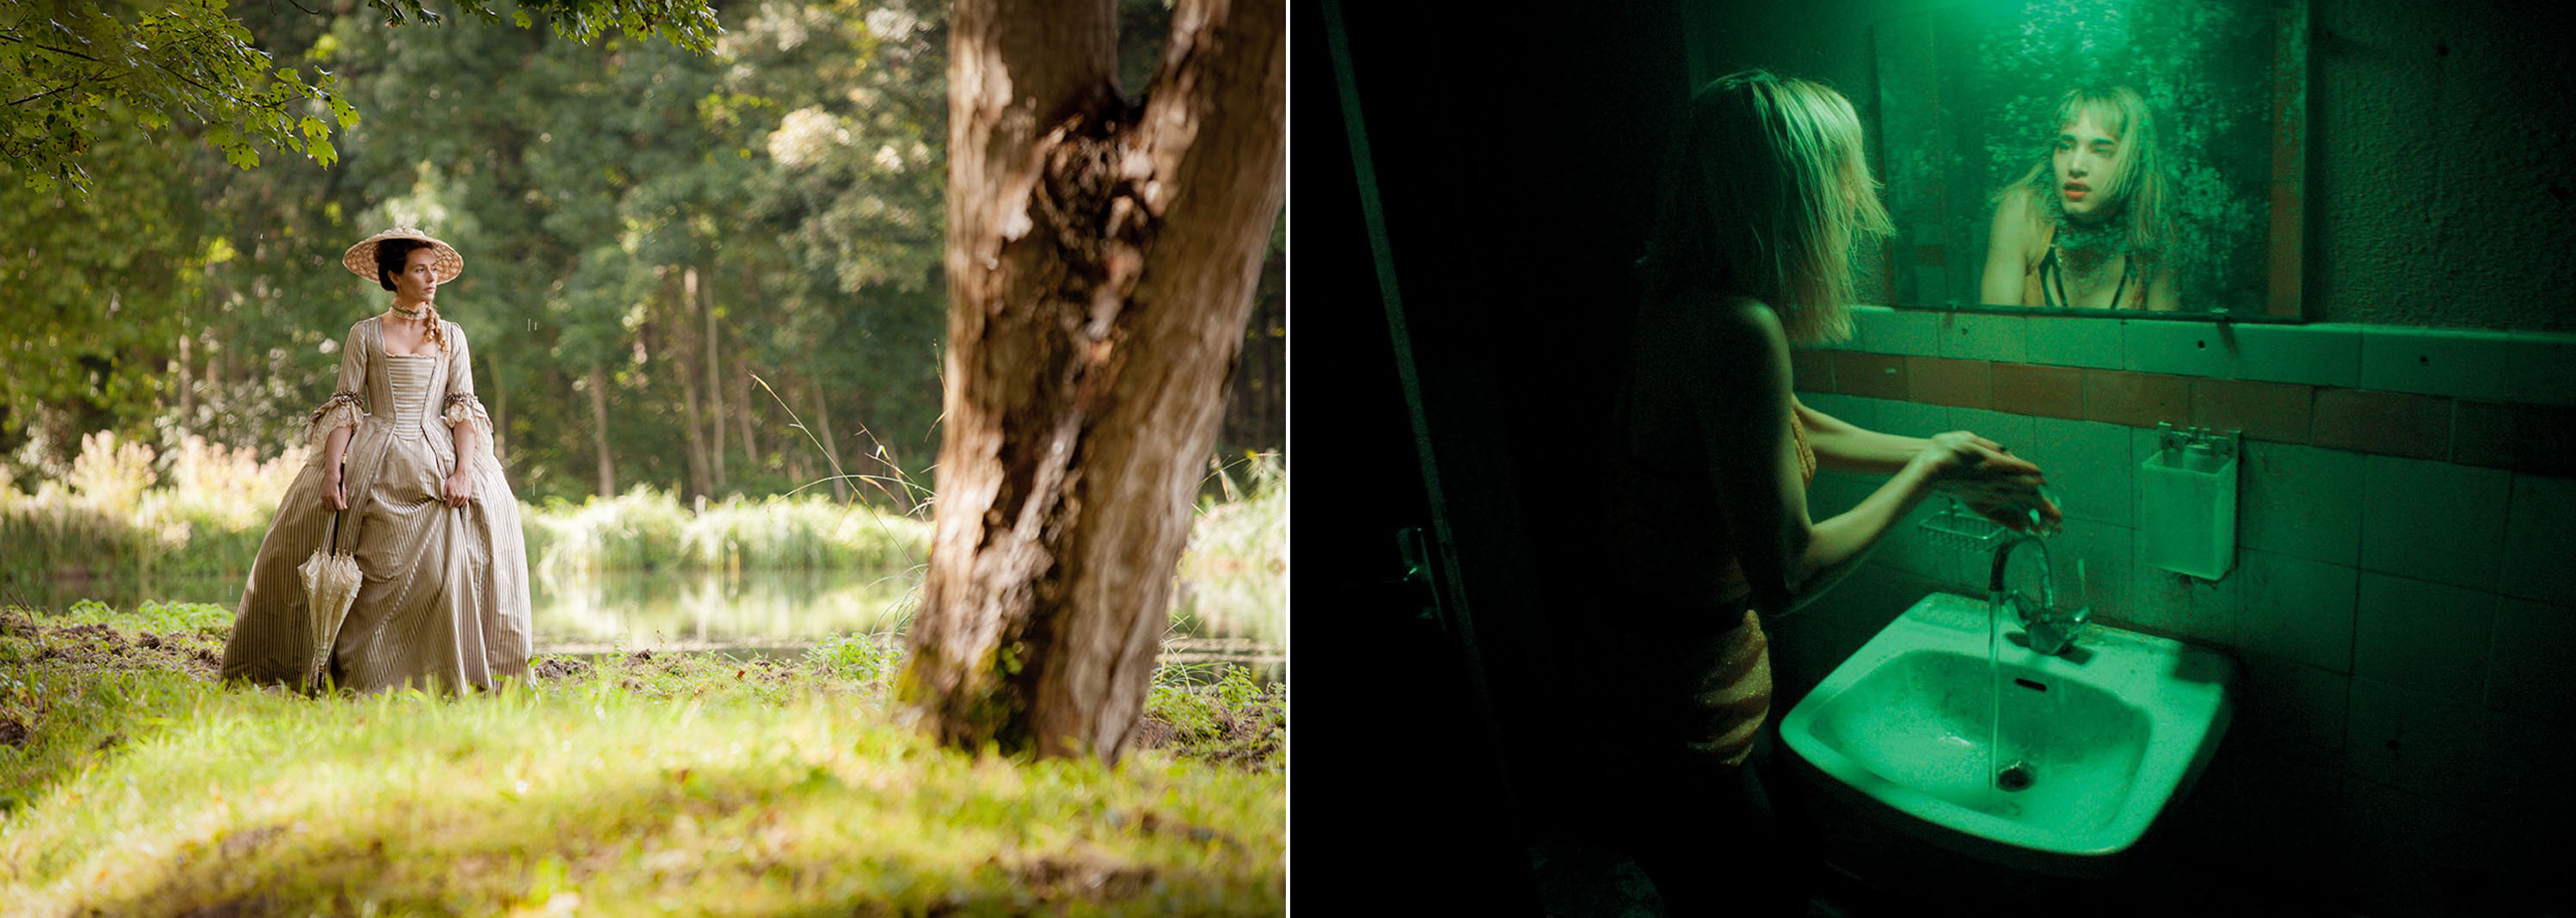 <strong>[Rétrospective 2018/9] </strong>Le tableau étoilé des films de septembre par la #TeamTopMensuel